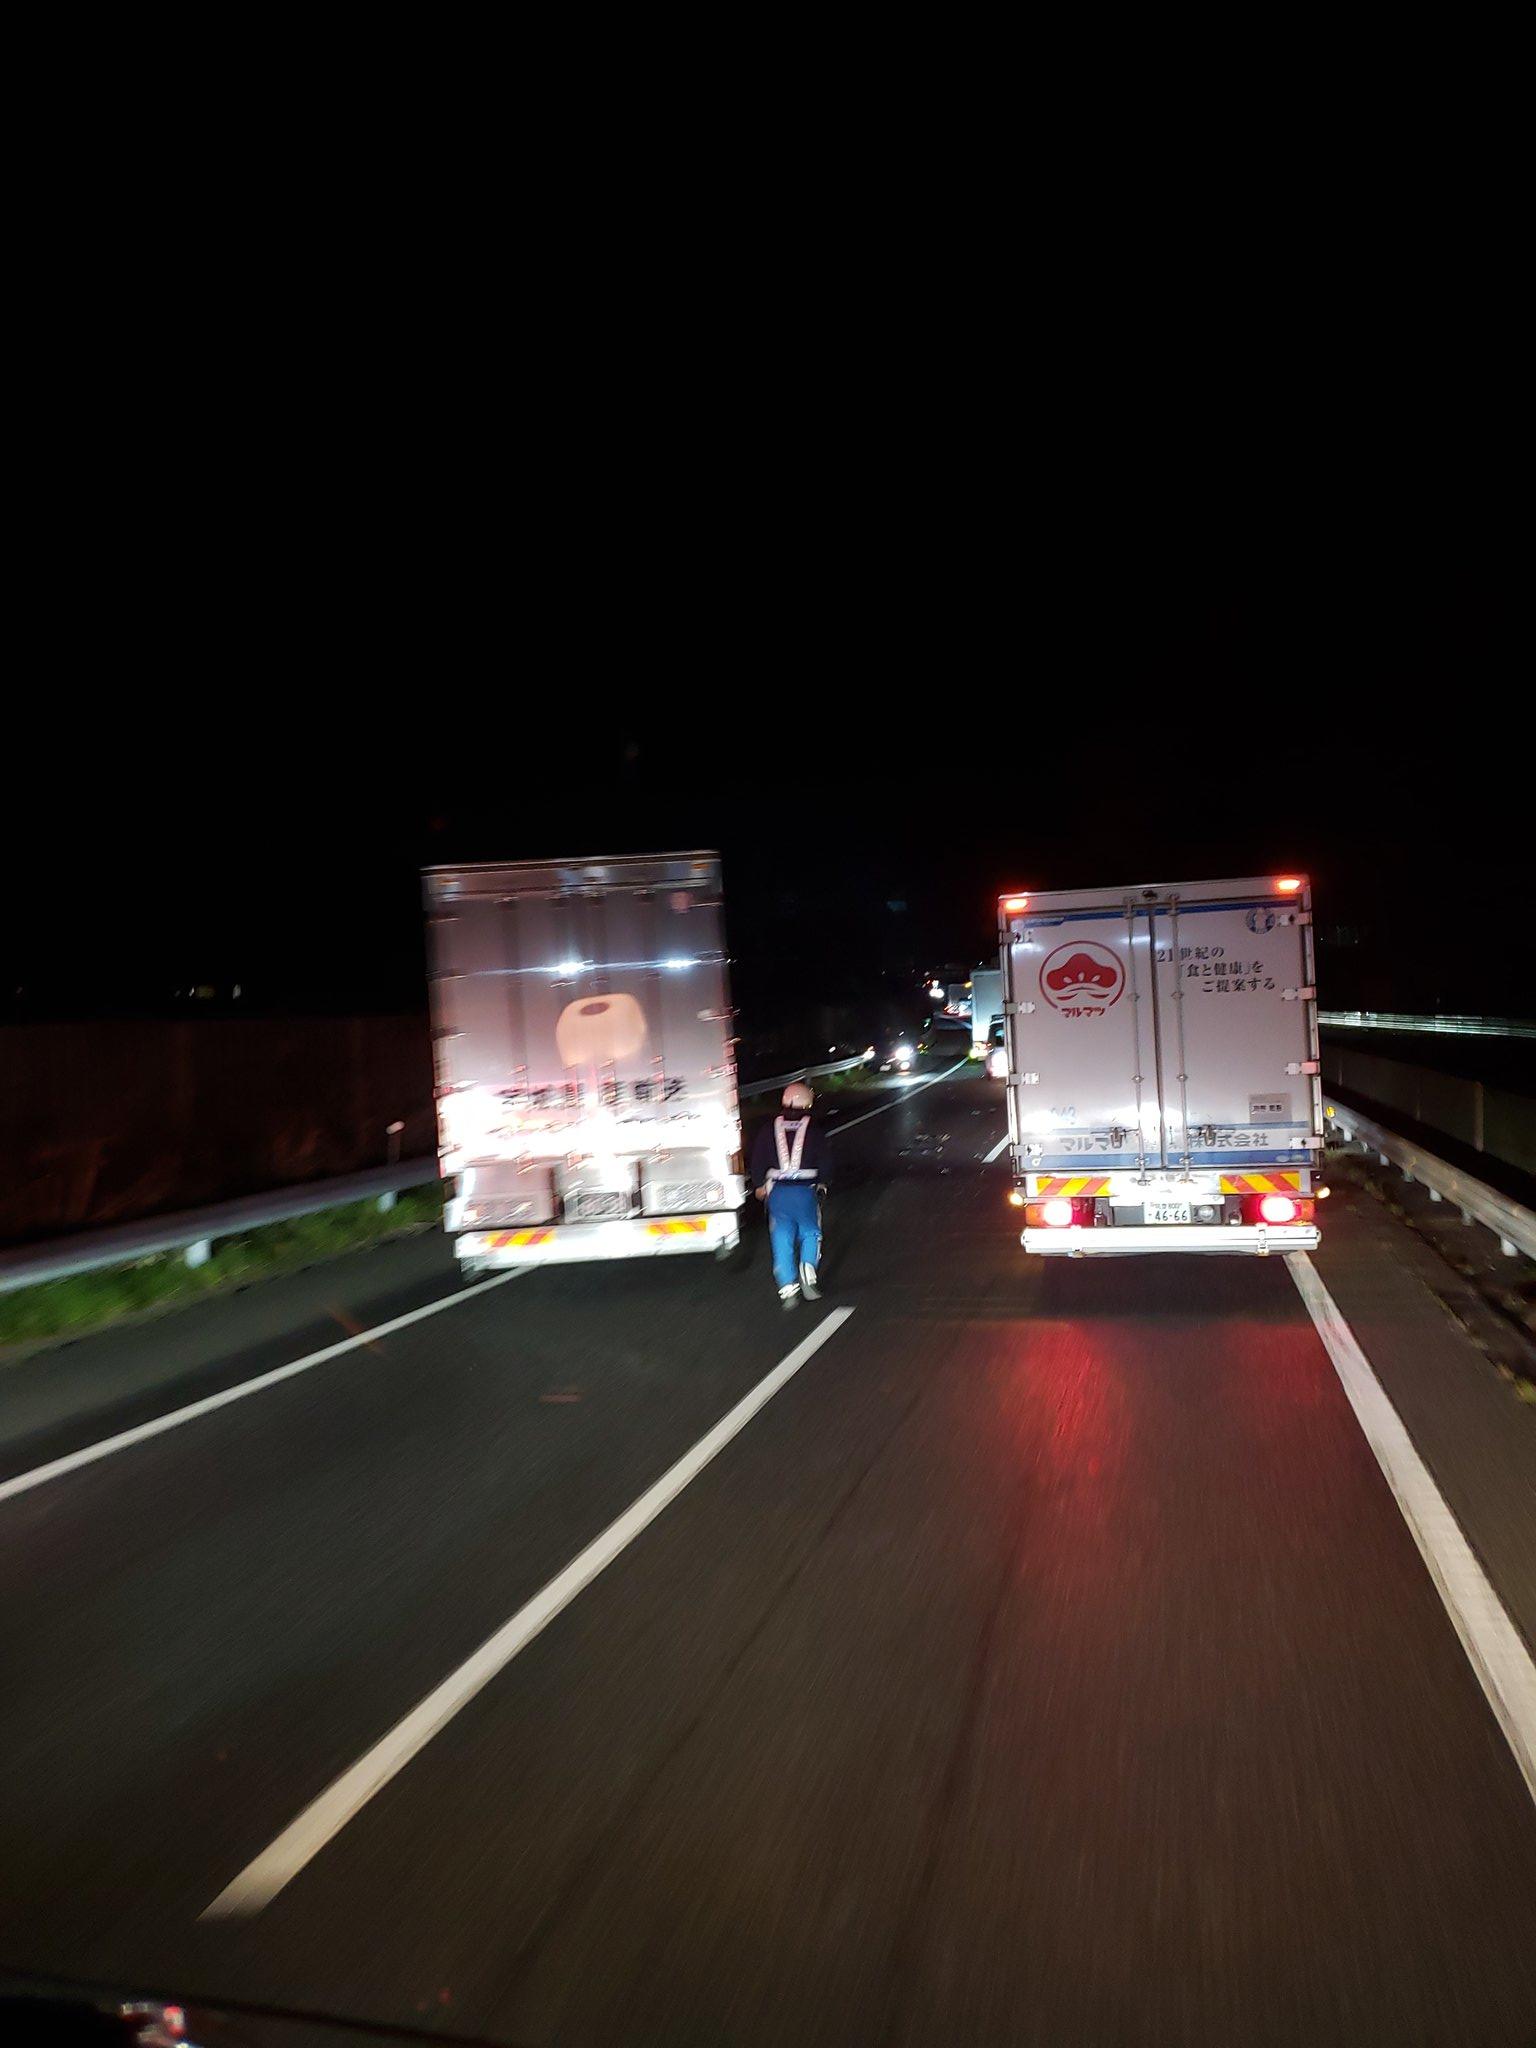 画像,中国道上り下関~王司PAの間事故やりたてです!大型3台と普通車1台で両側の車線に事故車止まってるのでこの先渋滞が延びるかも。保冷車の運転手さんが無事だといいだけ…